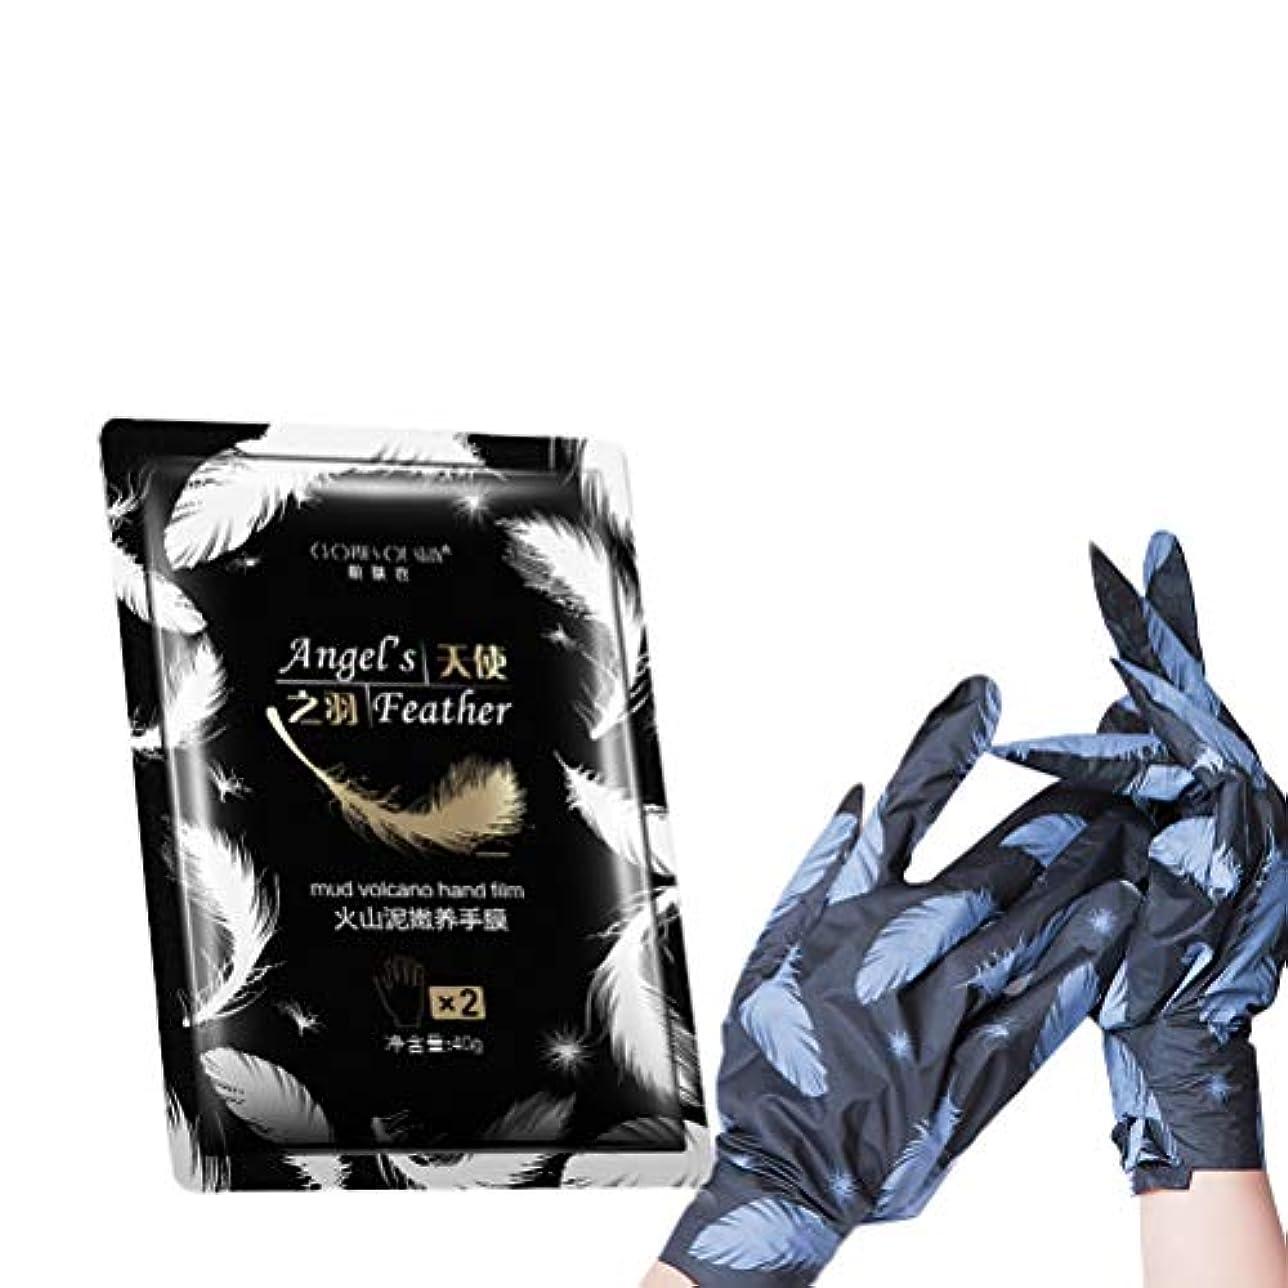 下石鹸生き返らせるSUPVOX 乾燥肌のための保湿ハンドマスク保湿手袋栄養補給のためのハンドケアホワイトニング